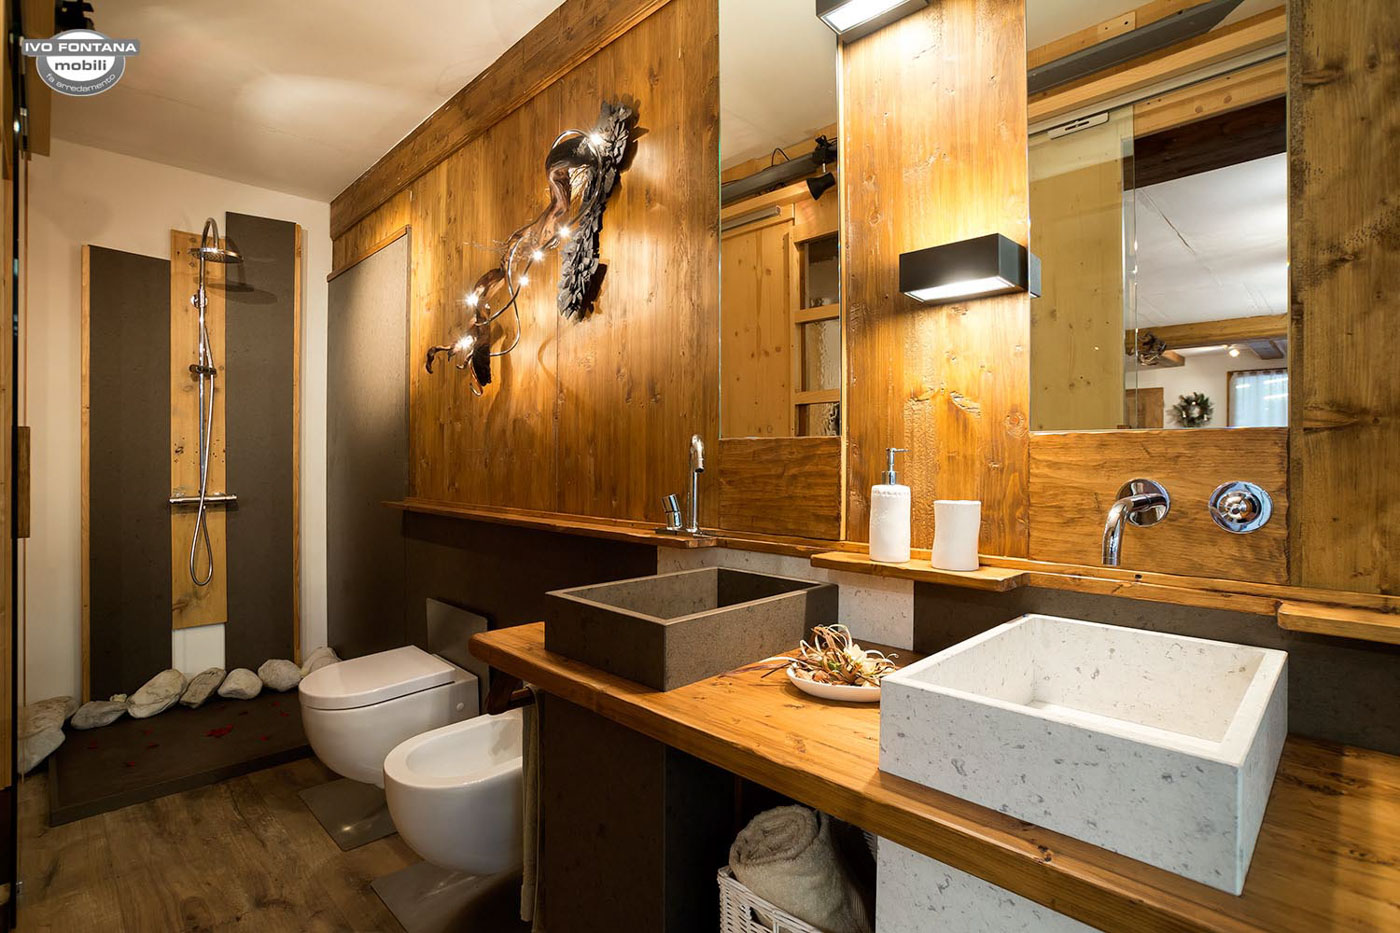 Esposizione mobili rustici moderni classici artigianali for Arredo bagno belluno